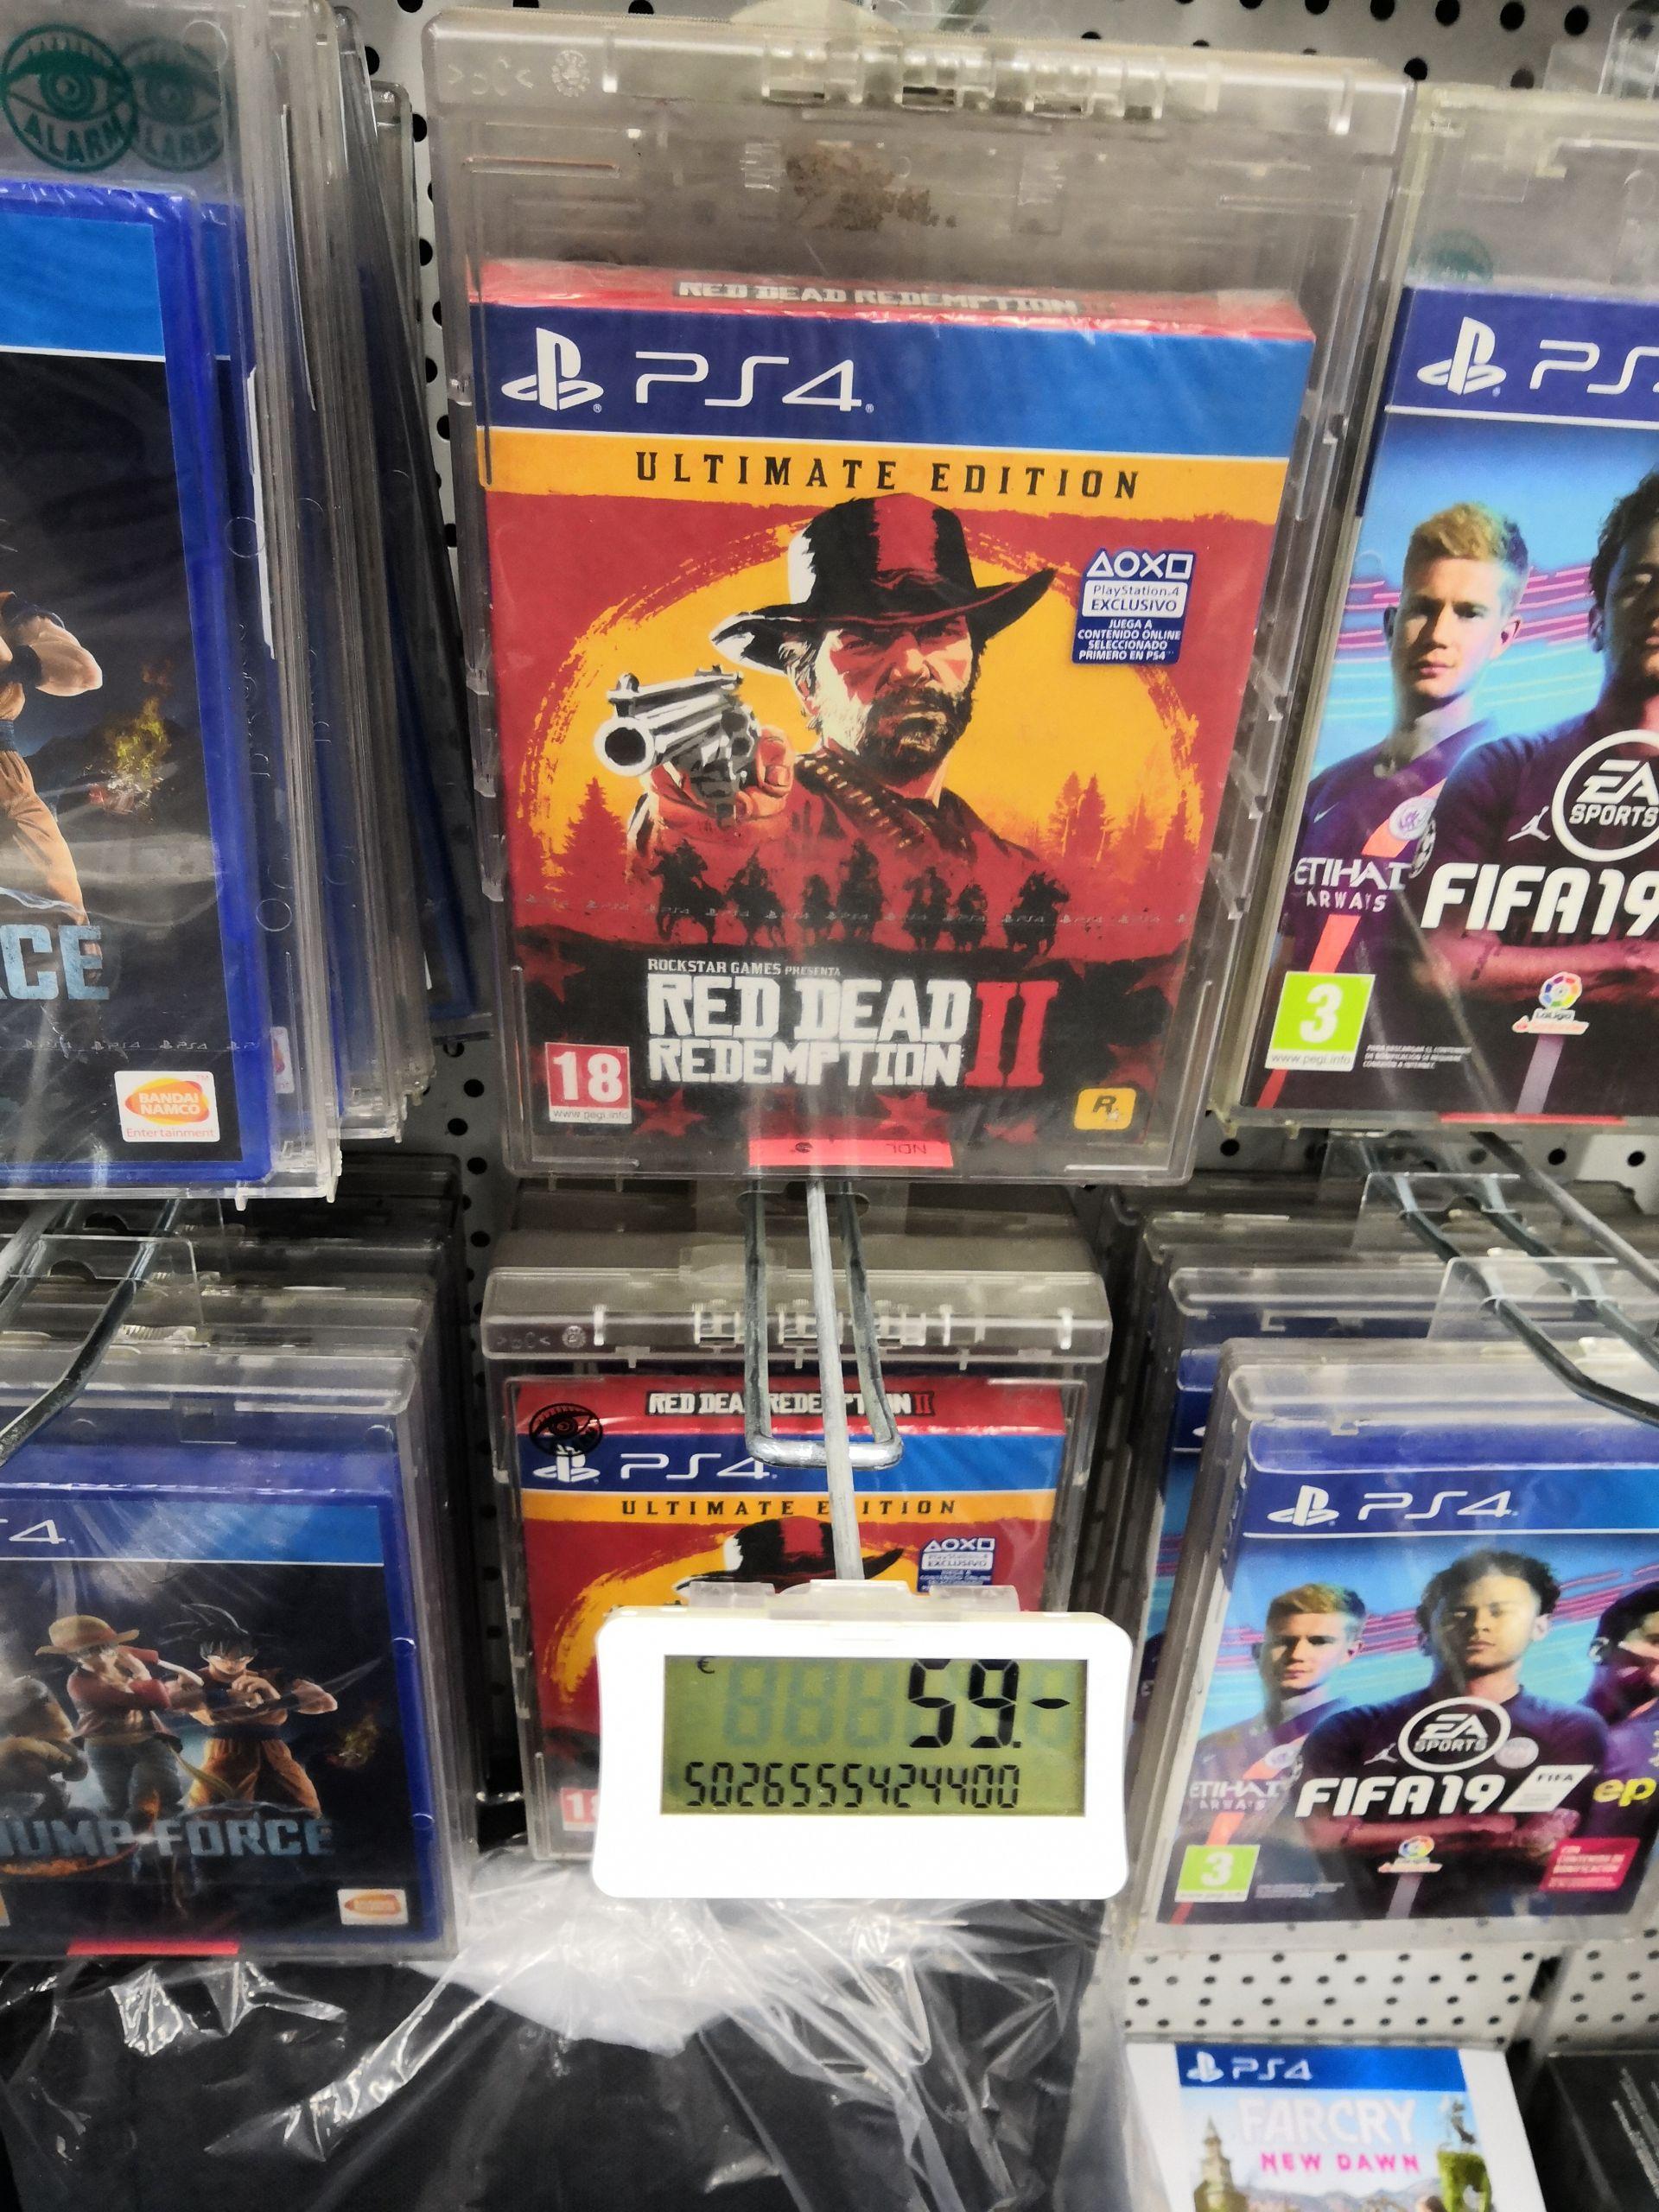 Red dead redemption 2 Ultimate edition Mediamarkt La Maquinista